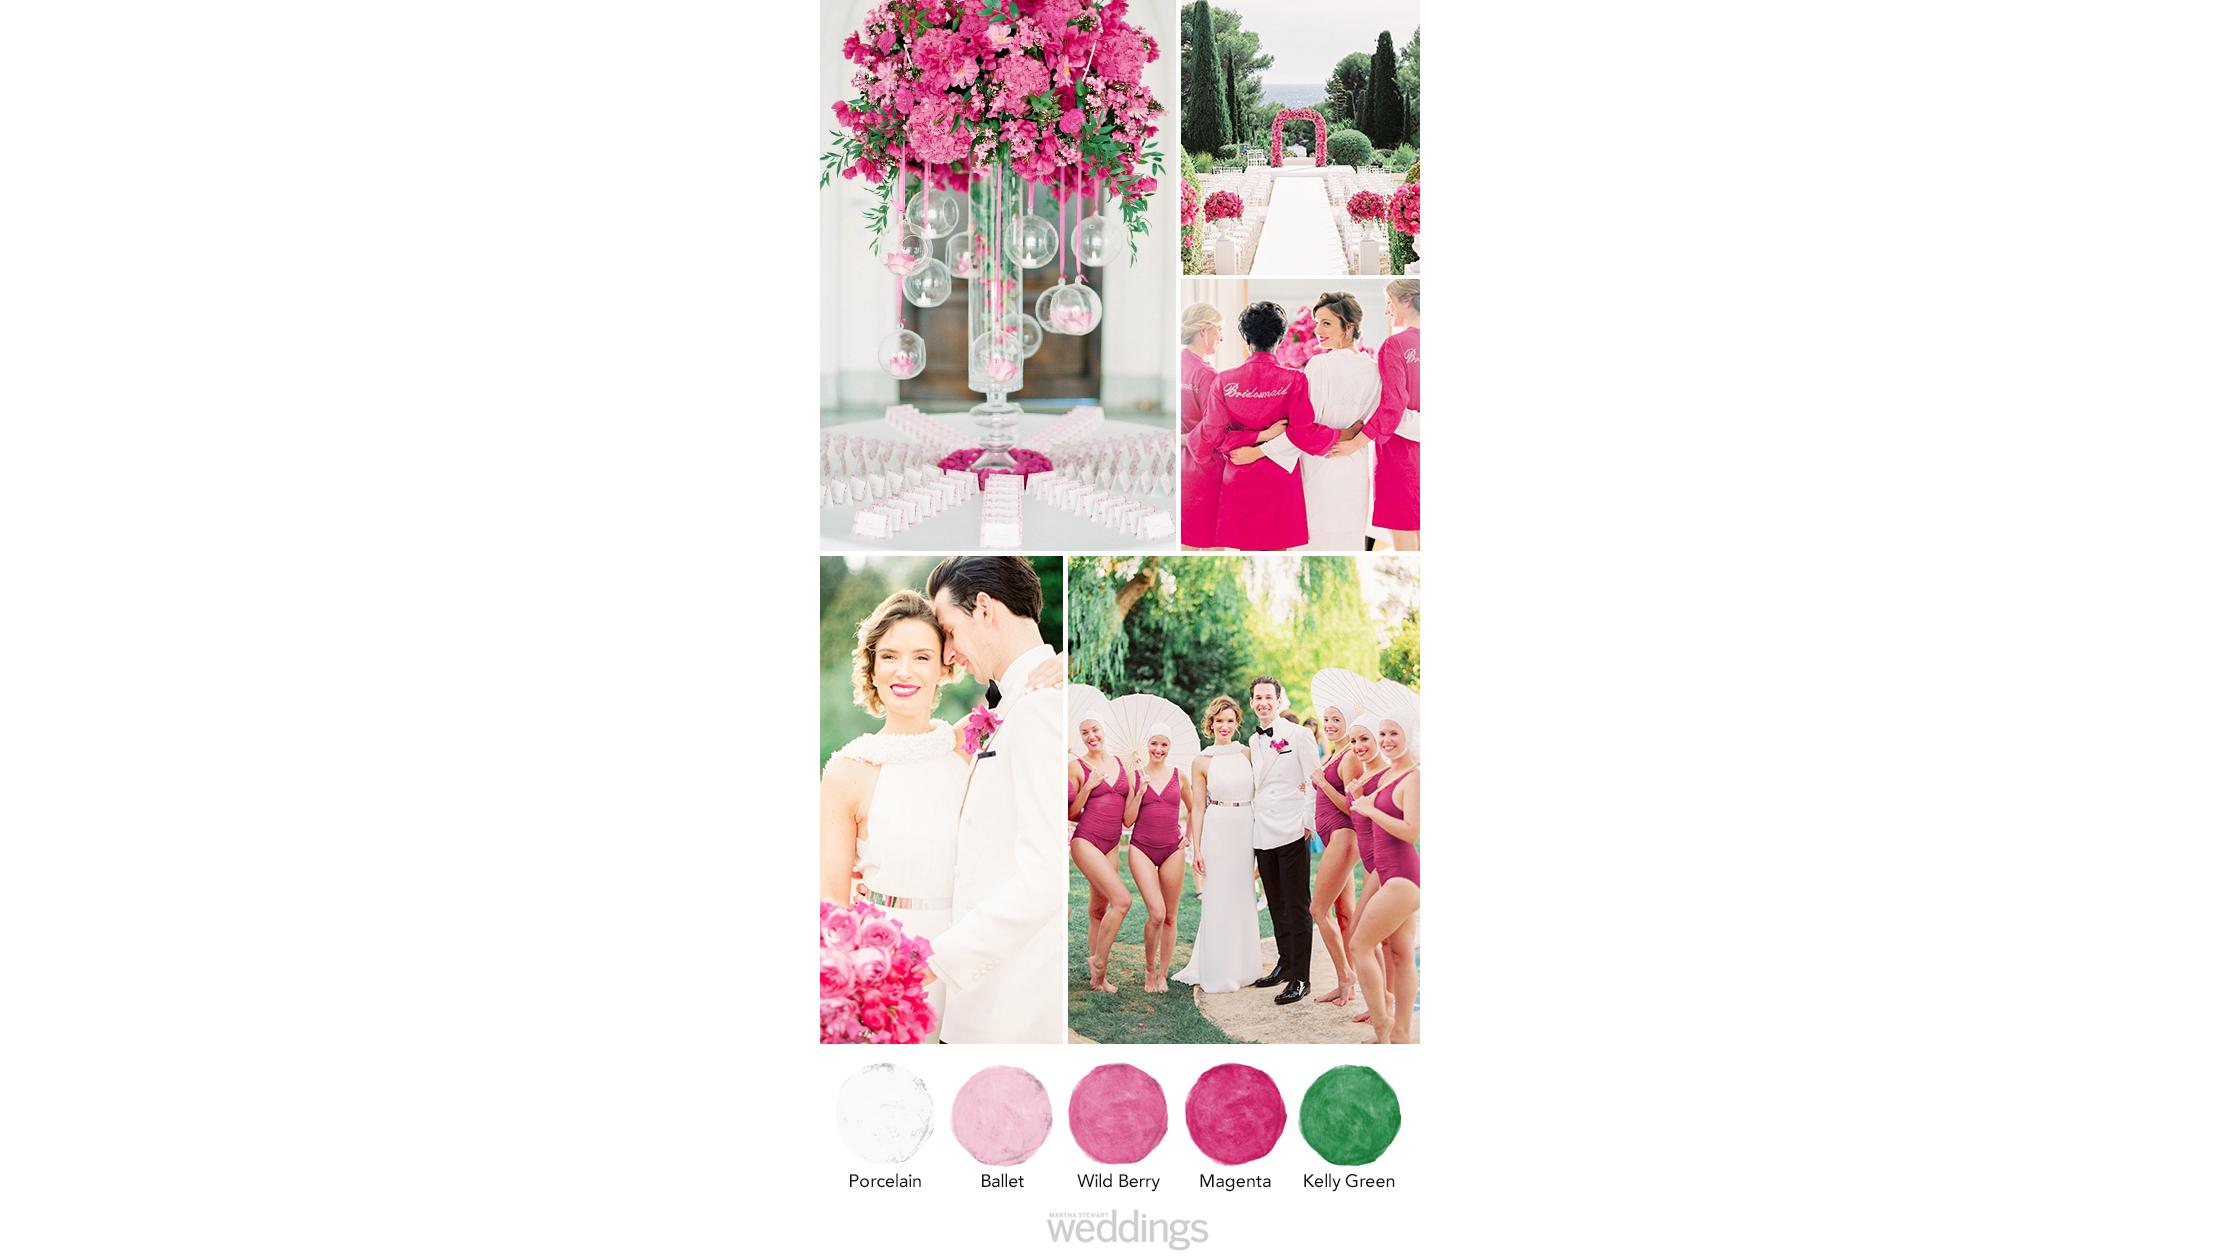 vibrant pink wedding color palette ideas